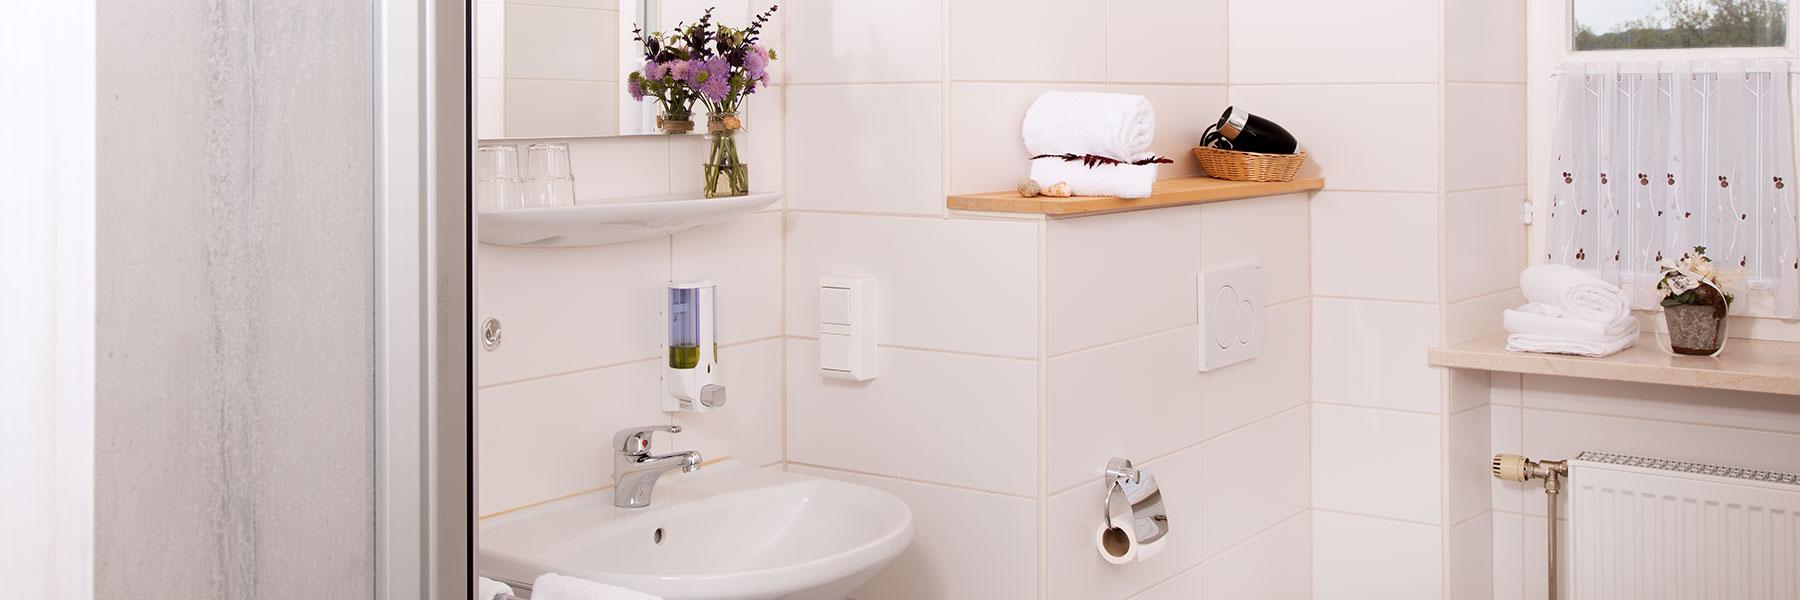 Badezimmer in der Ferienwohnung im Hotel Alter Weißbräu in Bad Birnbach